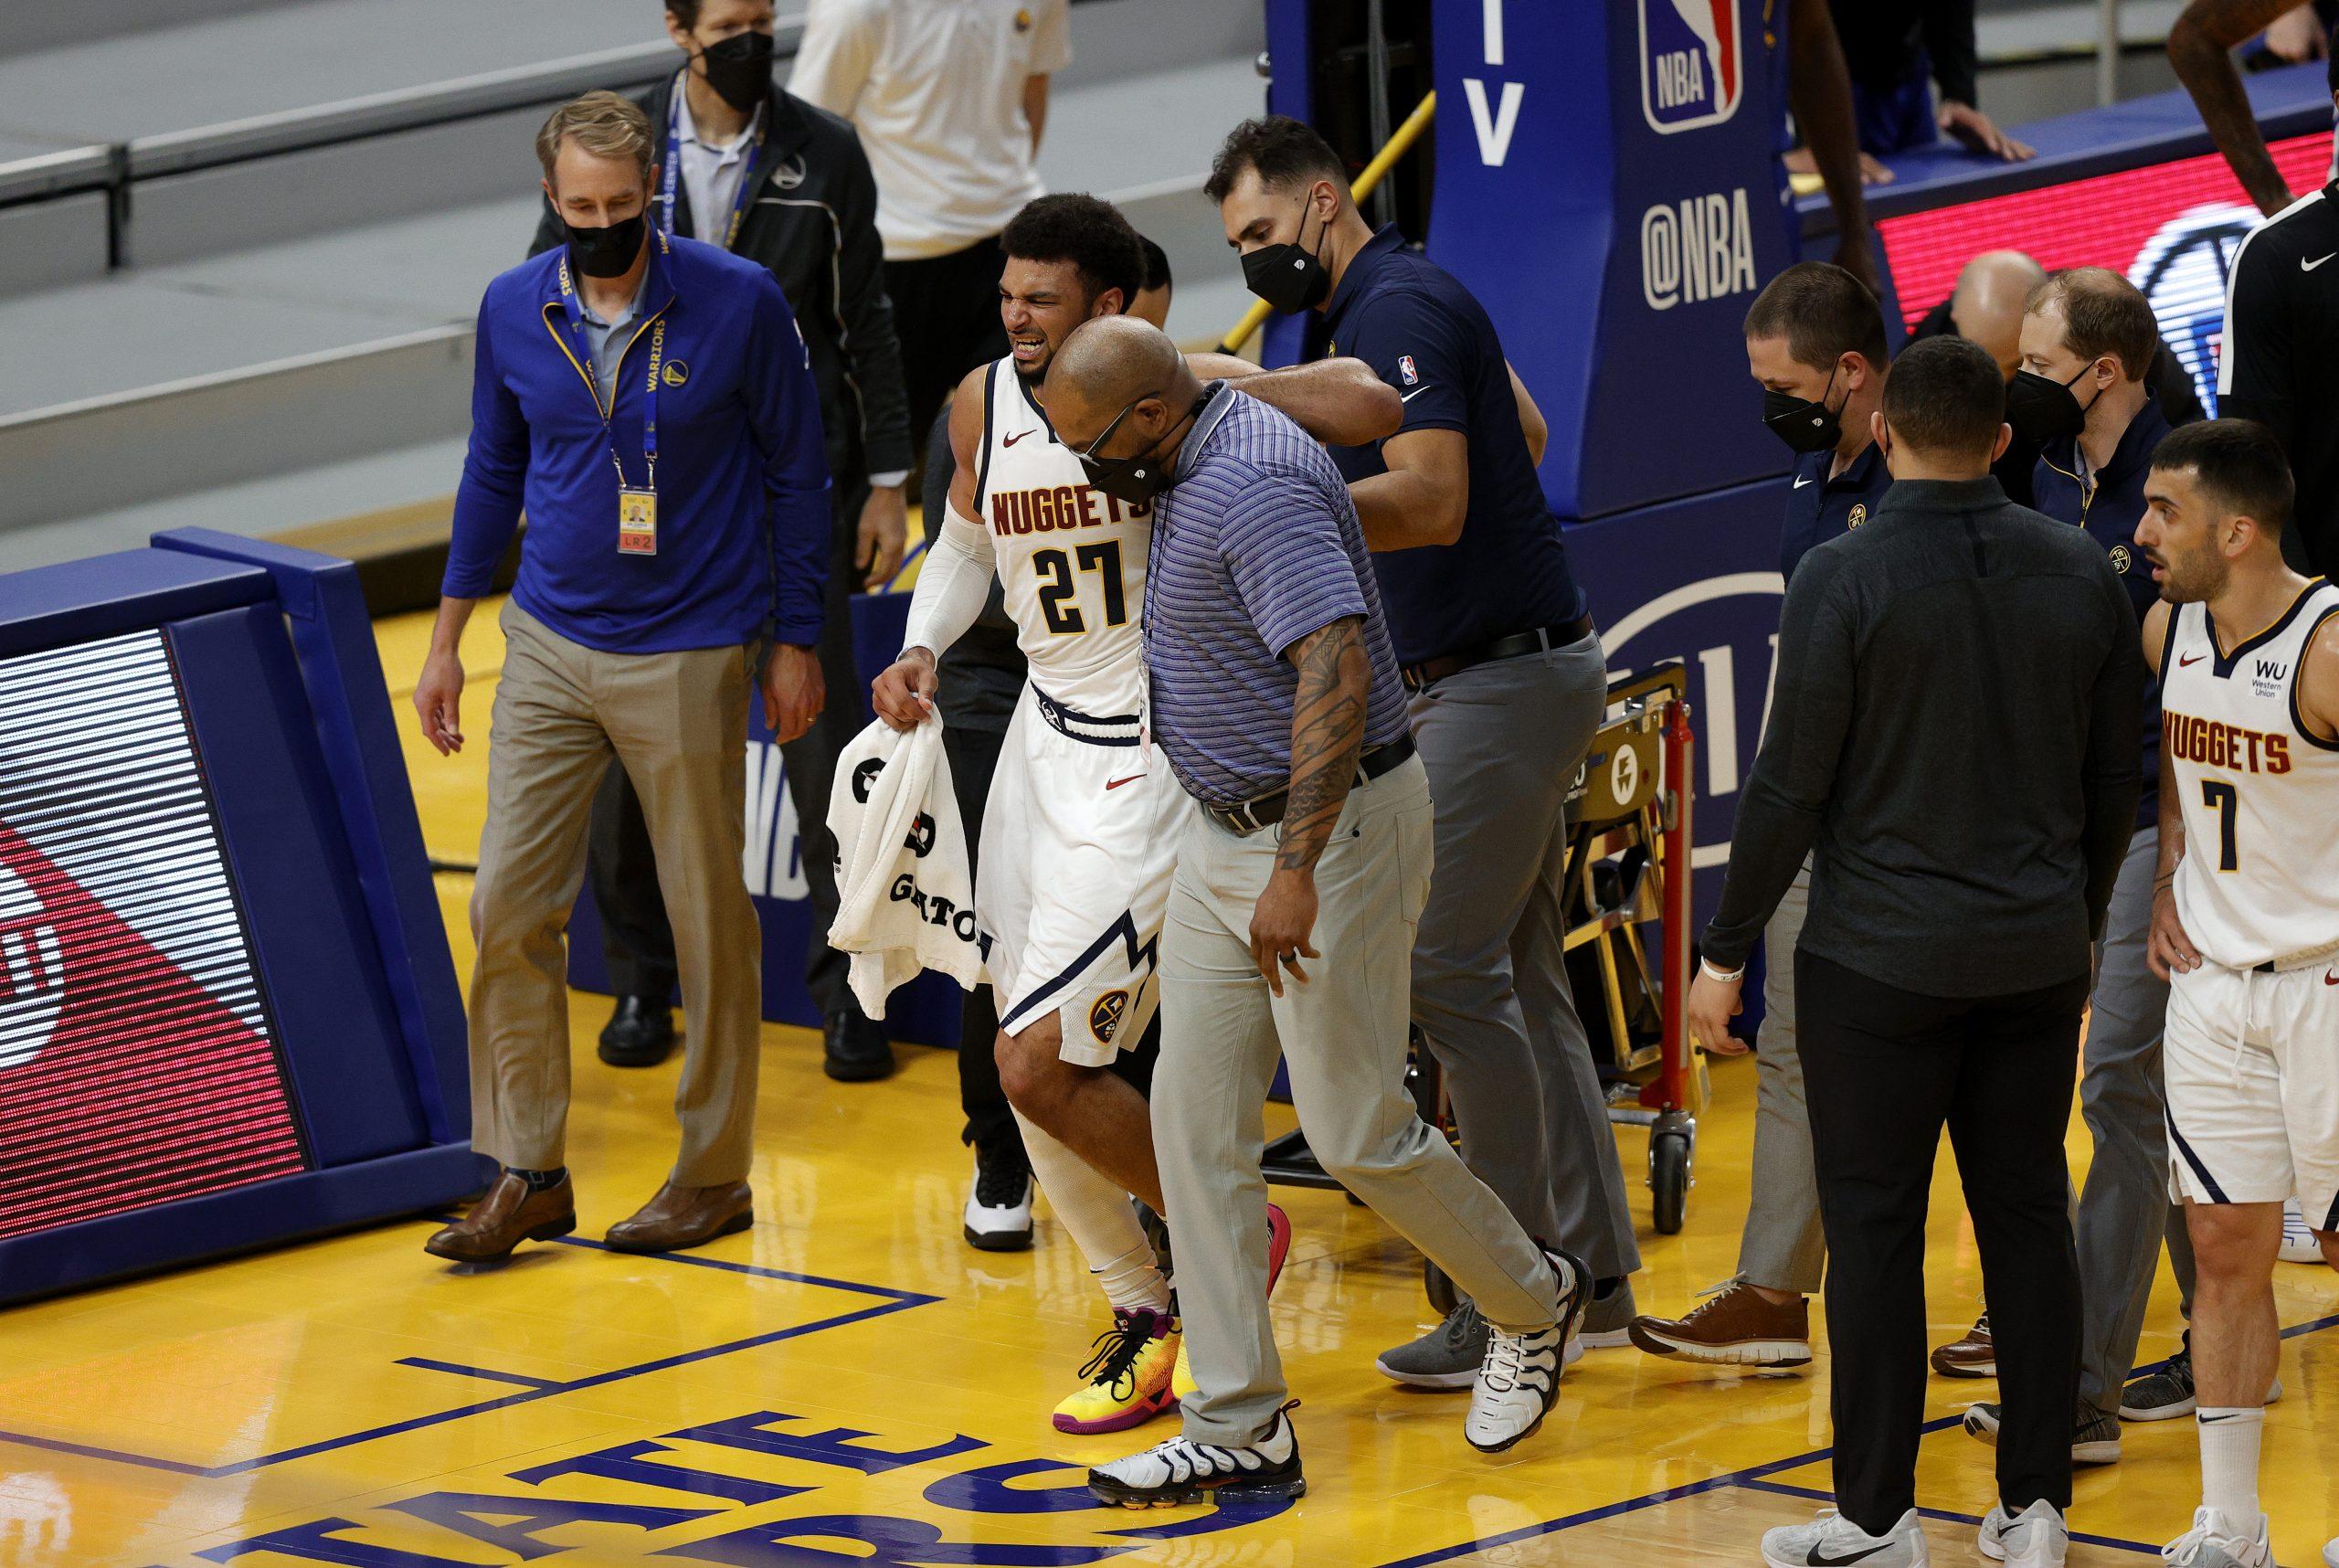 Emocje w Portland, Kevin Durant wygląda świetnie